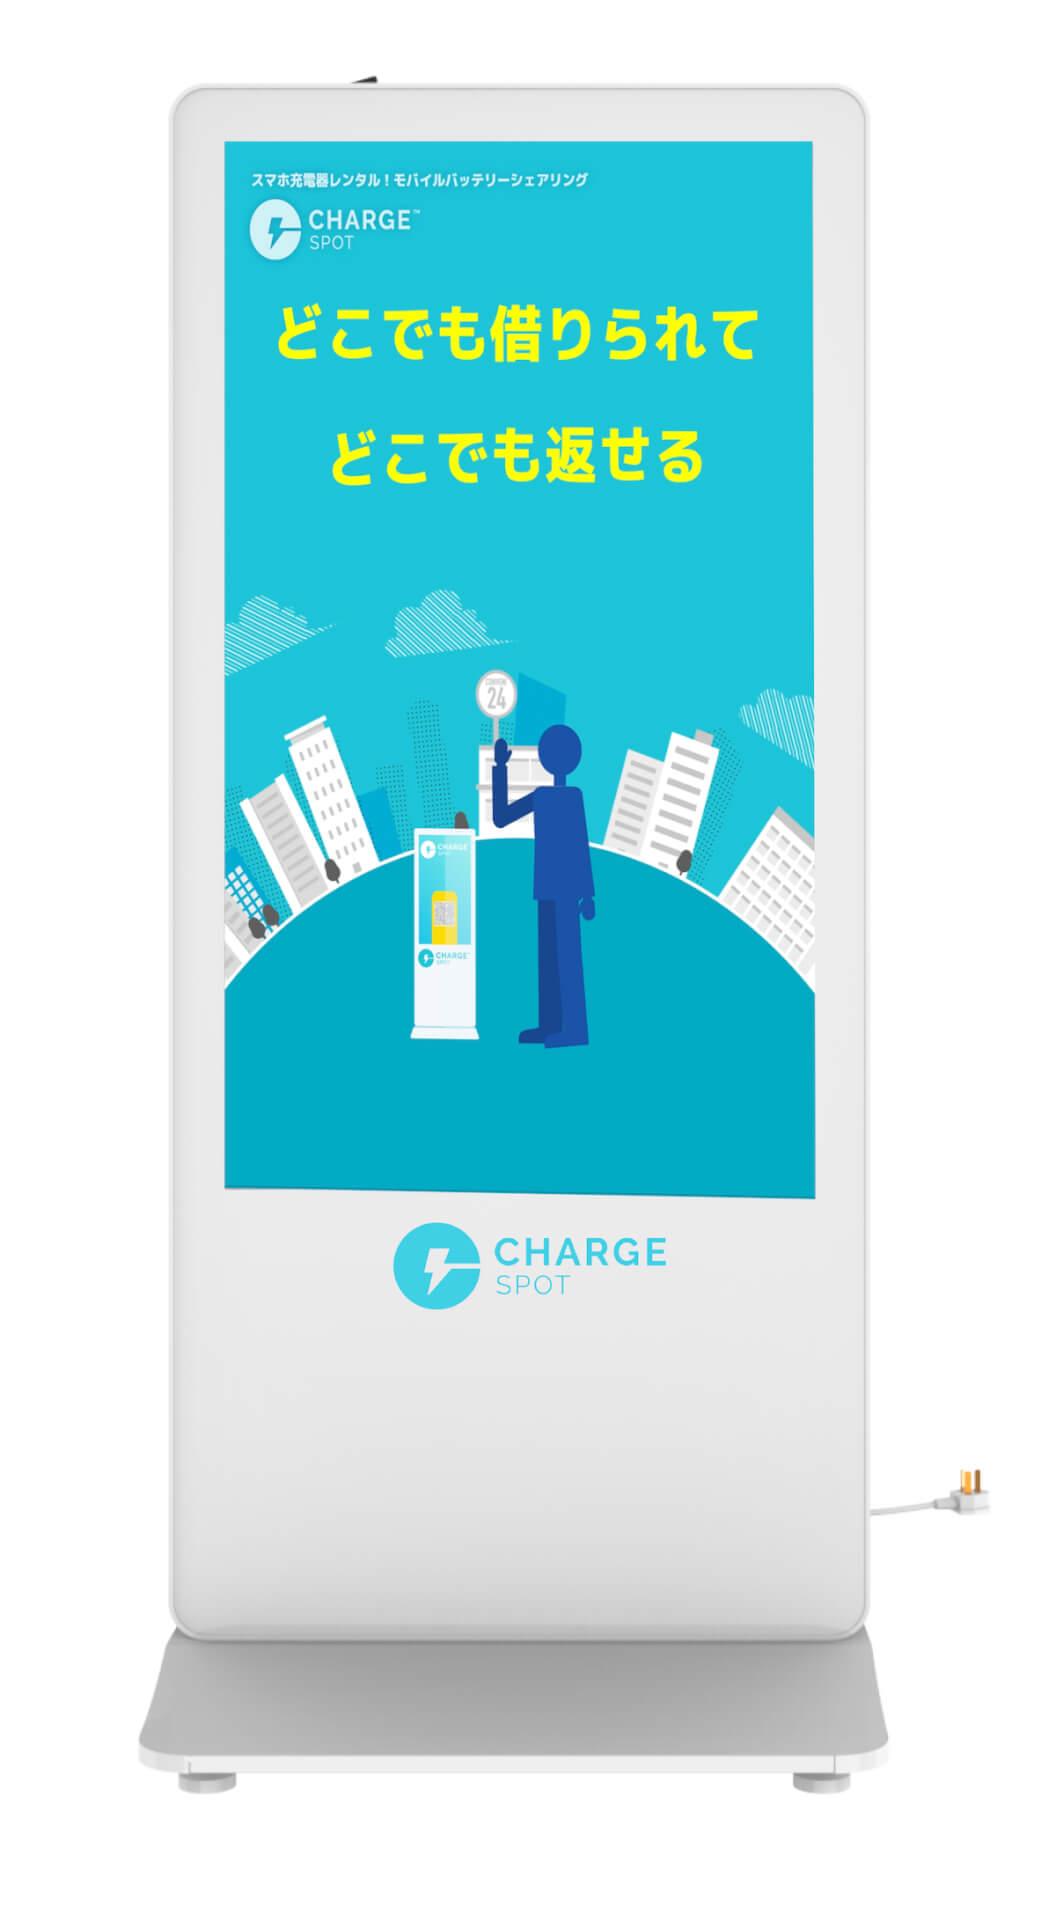 東京で借りて香港で返却!?モバイルバッテリーシェアリング「ChargeSPOT」家電量販店エディオンに導入 technology190603chargespot_1